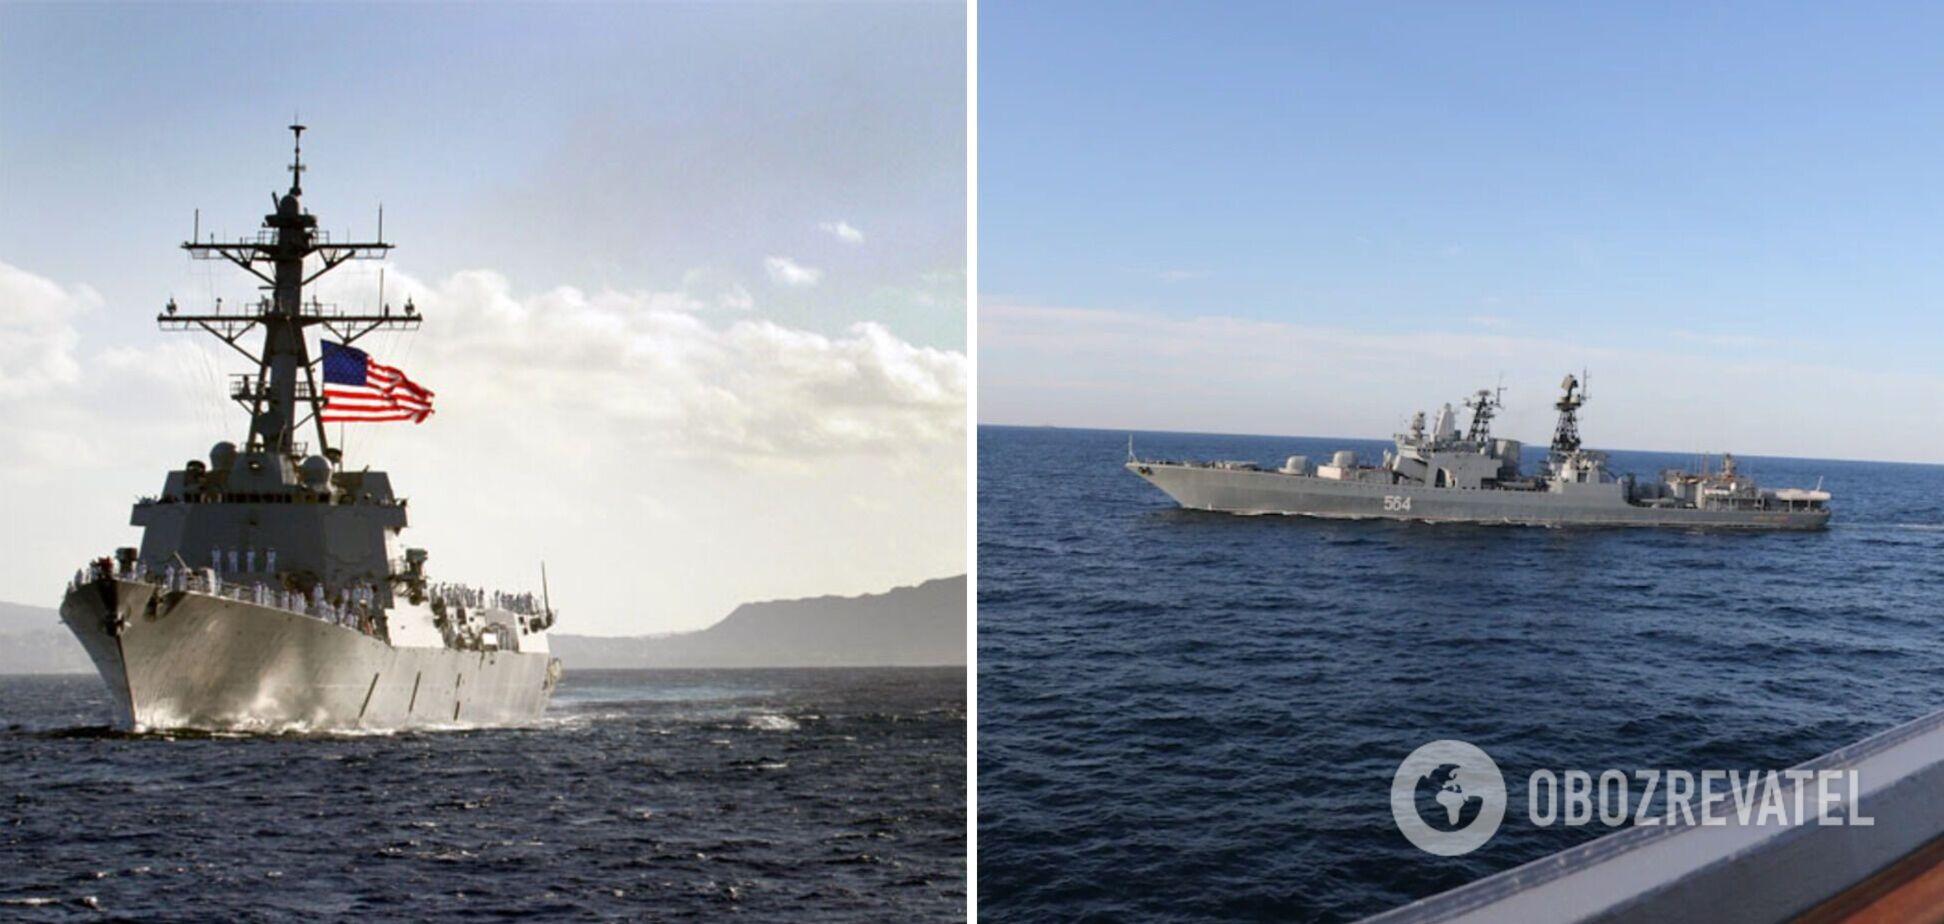 Между РФ и США возник конфликт из-за кораблей в Японском море. Все подробности